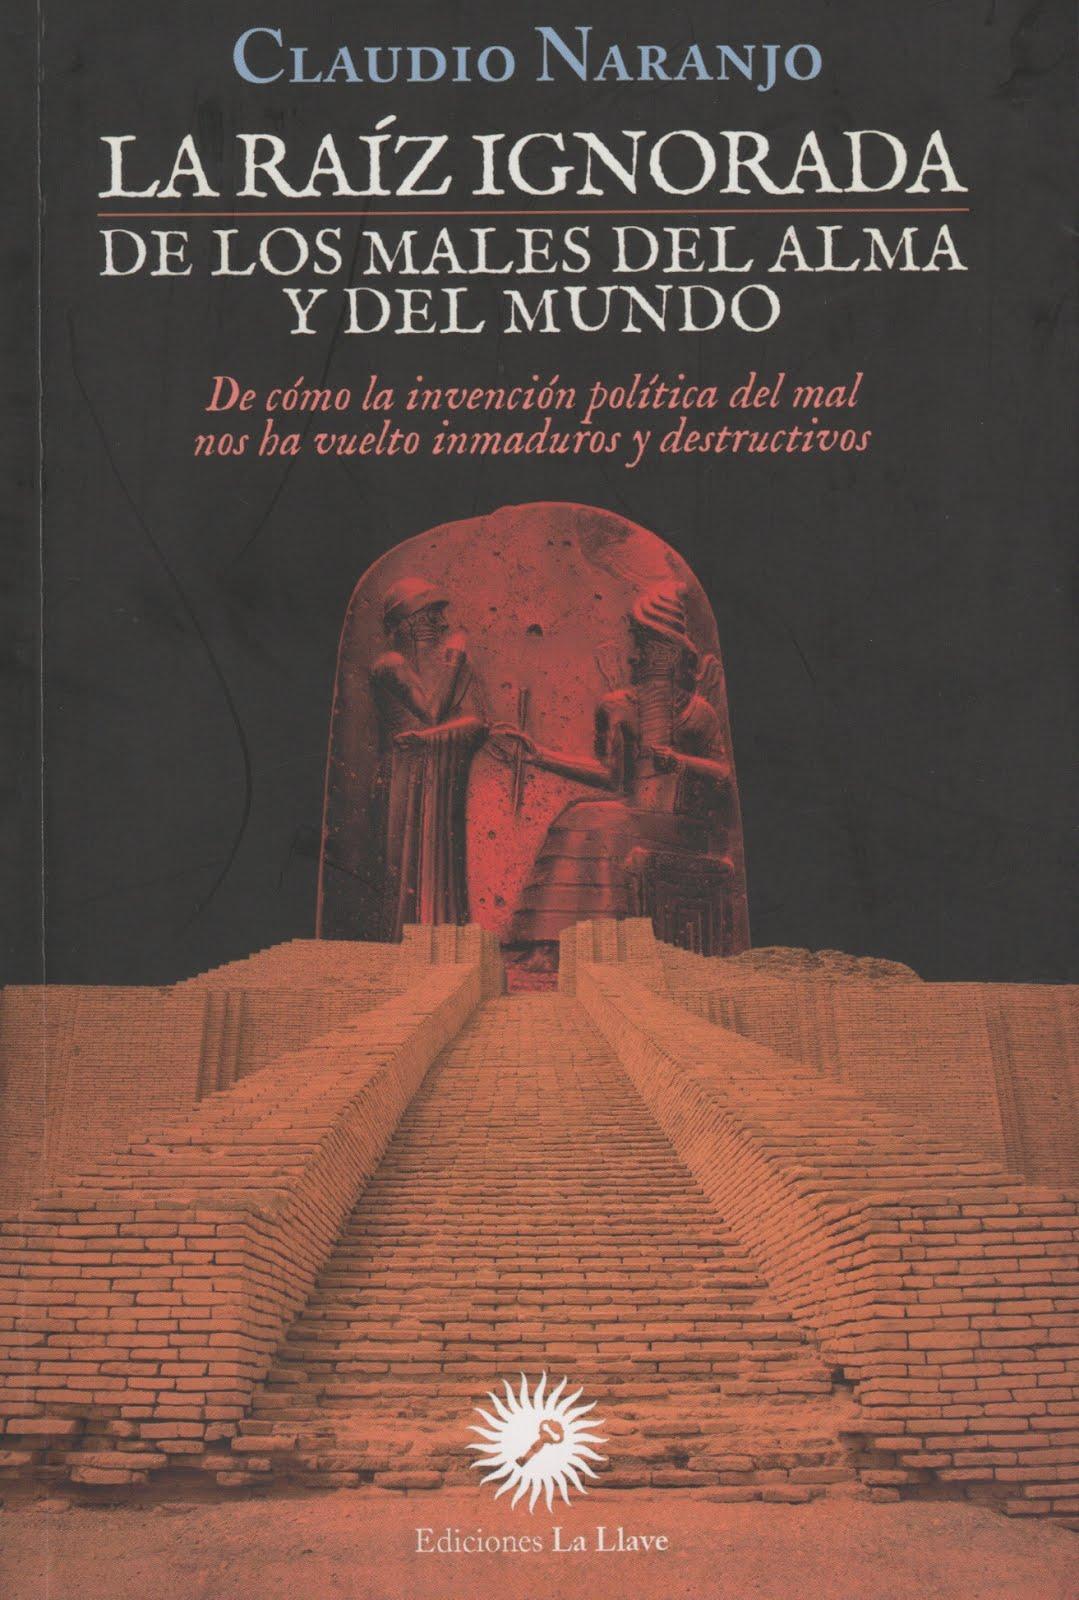 Claudio Naranjo (La raíz ignorada de los males del alma y del mundo)